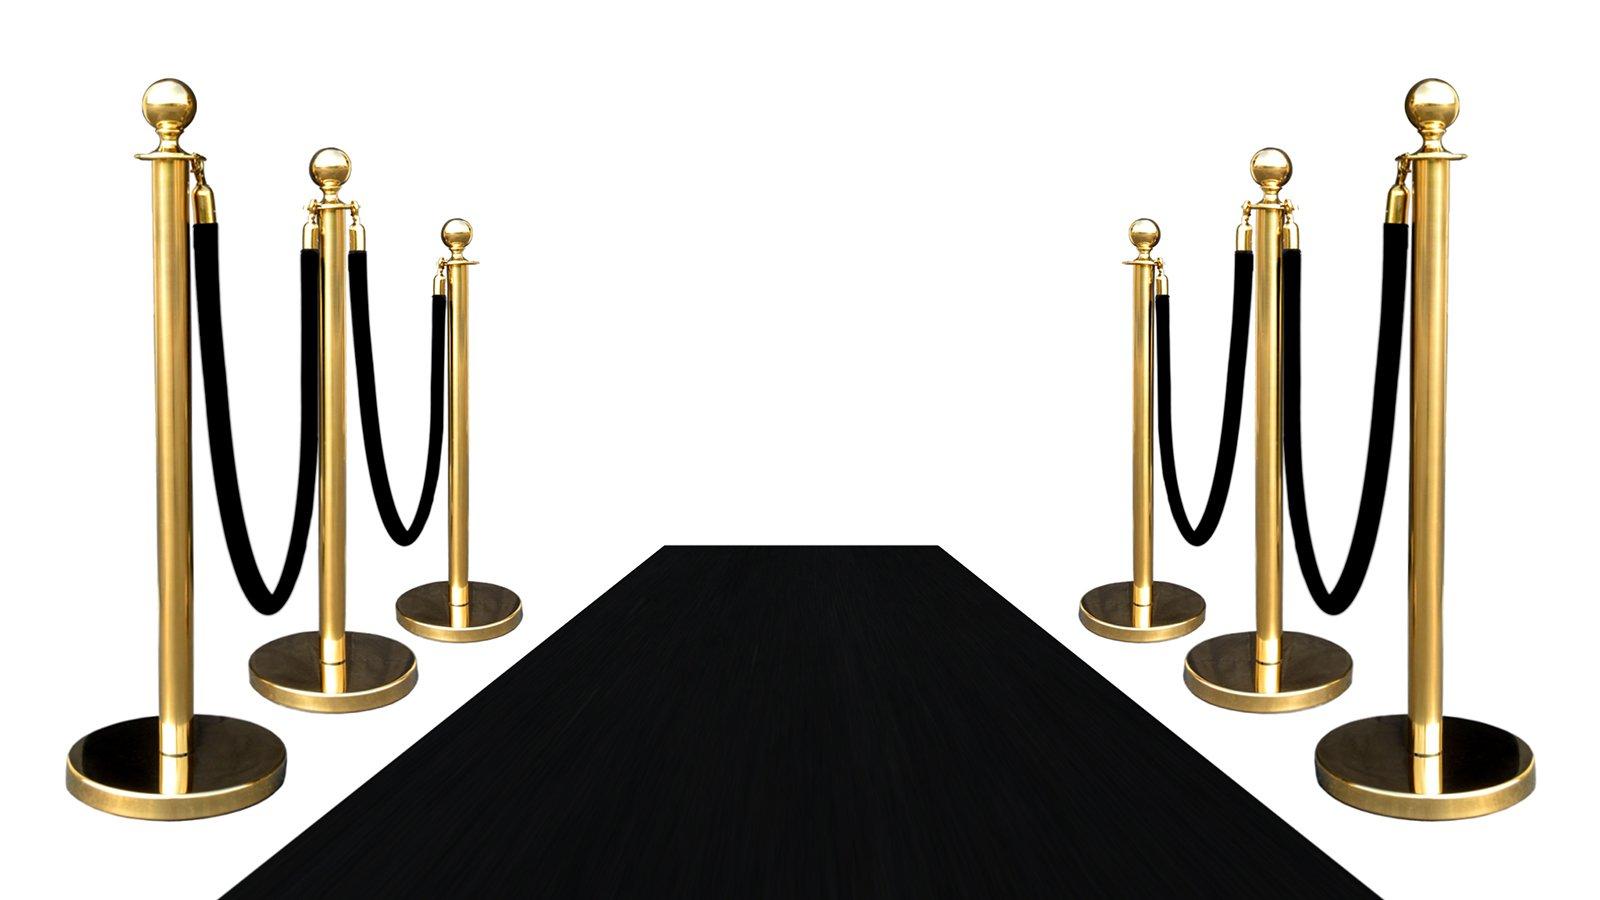 VIP BLACK CARPET COMBO SPECIAL (PKG INC 6-GOLD + 4-ROPES + 1-3'X10' BLACK CARPET)